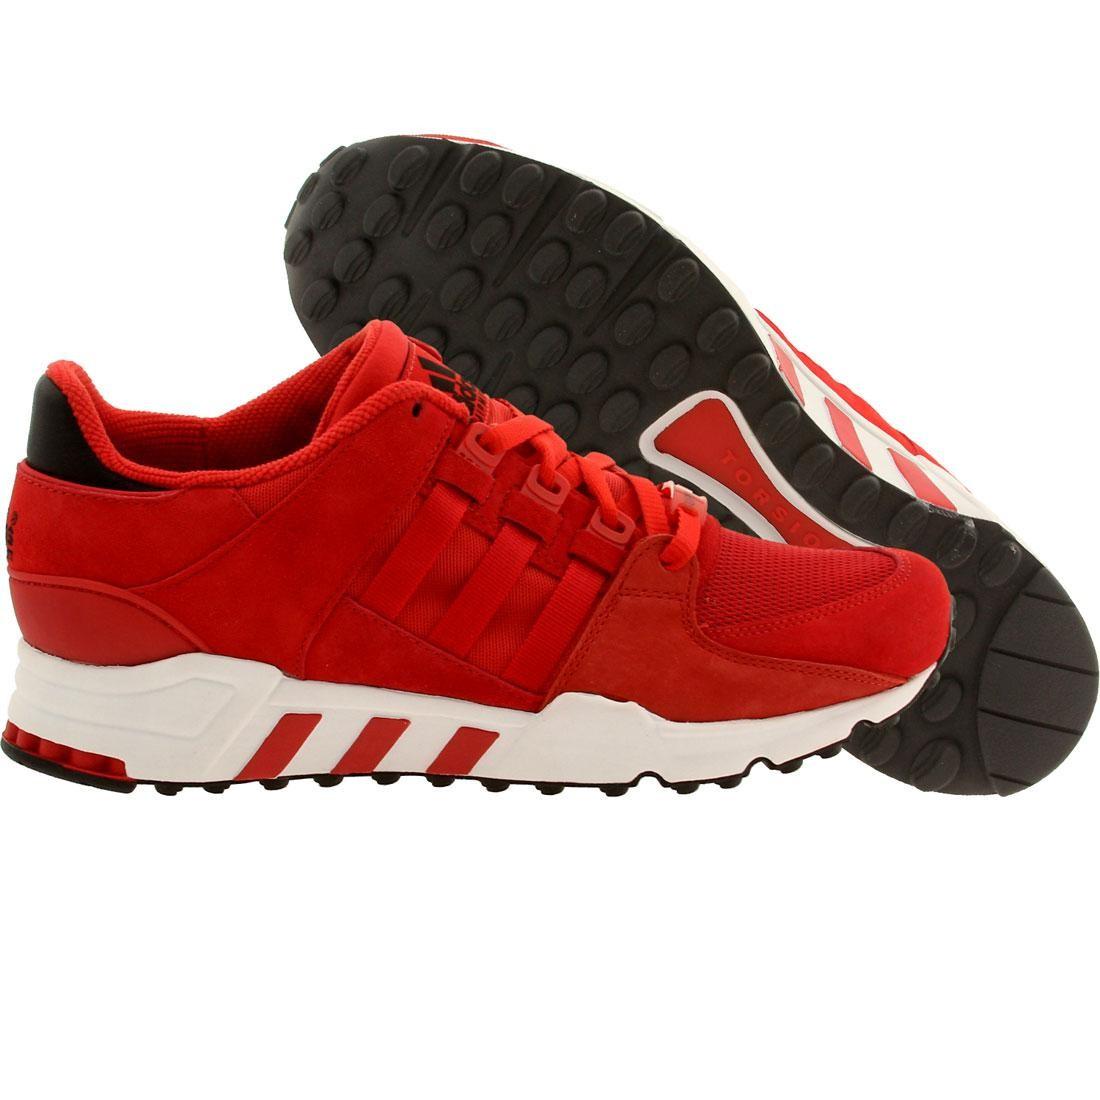 【海外限定】アディダス 靴 スニーカー 【 ADIDAS MEN EQUIPMENT RUNNING SUPPORT 93 RED SCARLET 】